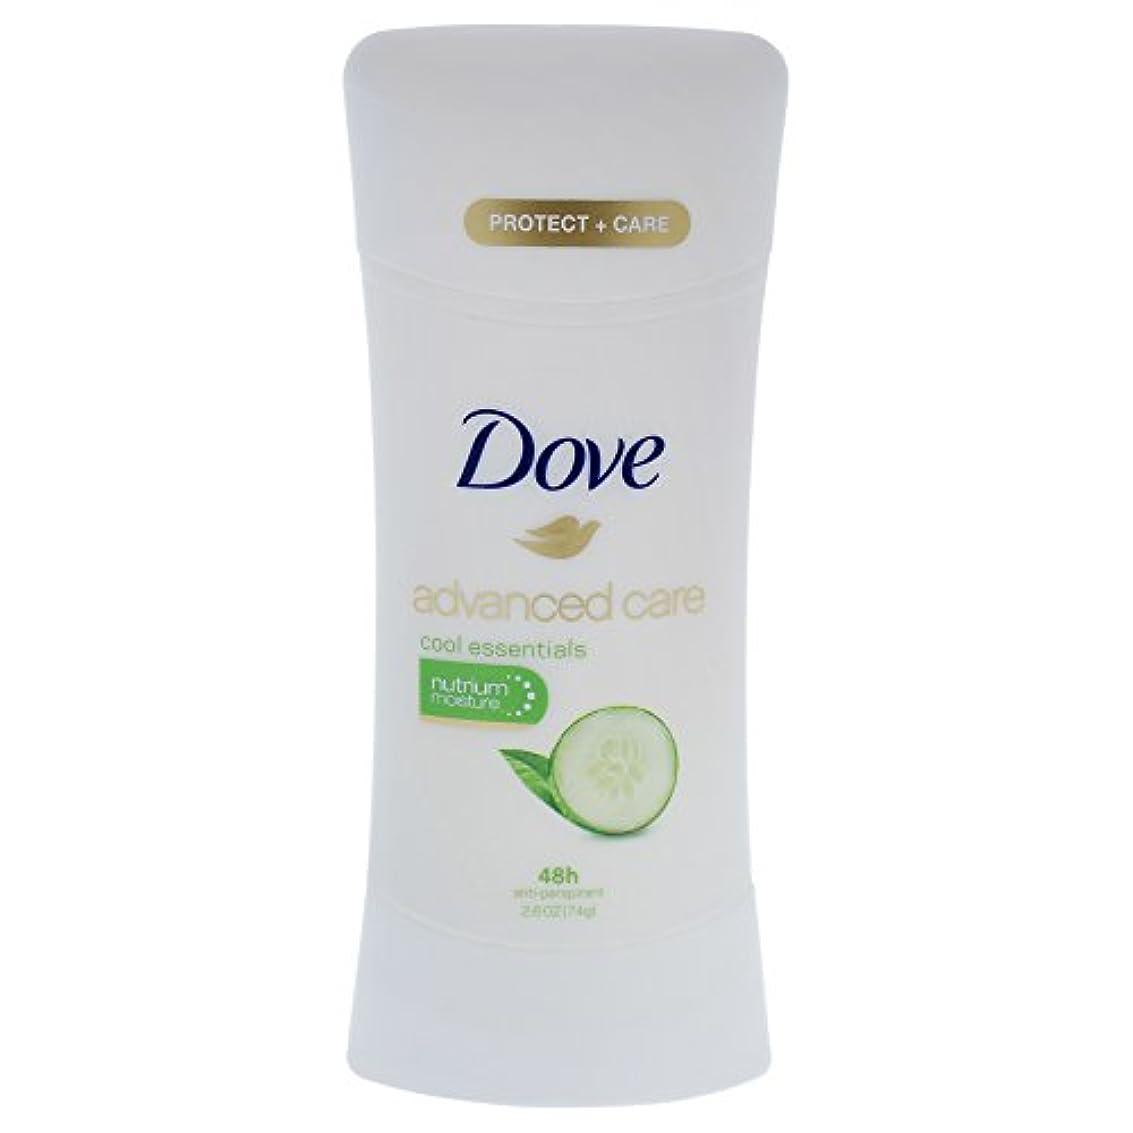 偽善者暗殺者敵意Dove Advanced Care Cool Essentials Deodorant - 2.6oz ダブ アドバンスド ケア クールエッセンシャル デオドラント 74g [並行輸入品]